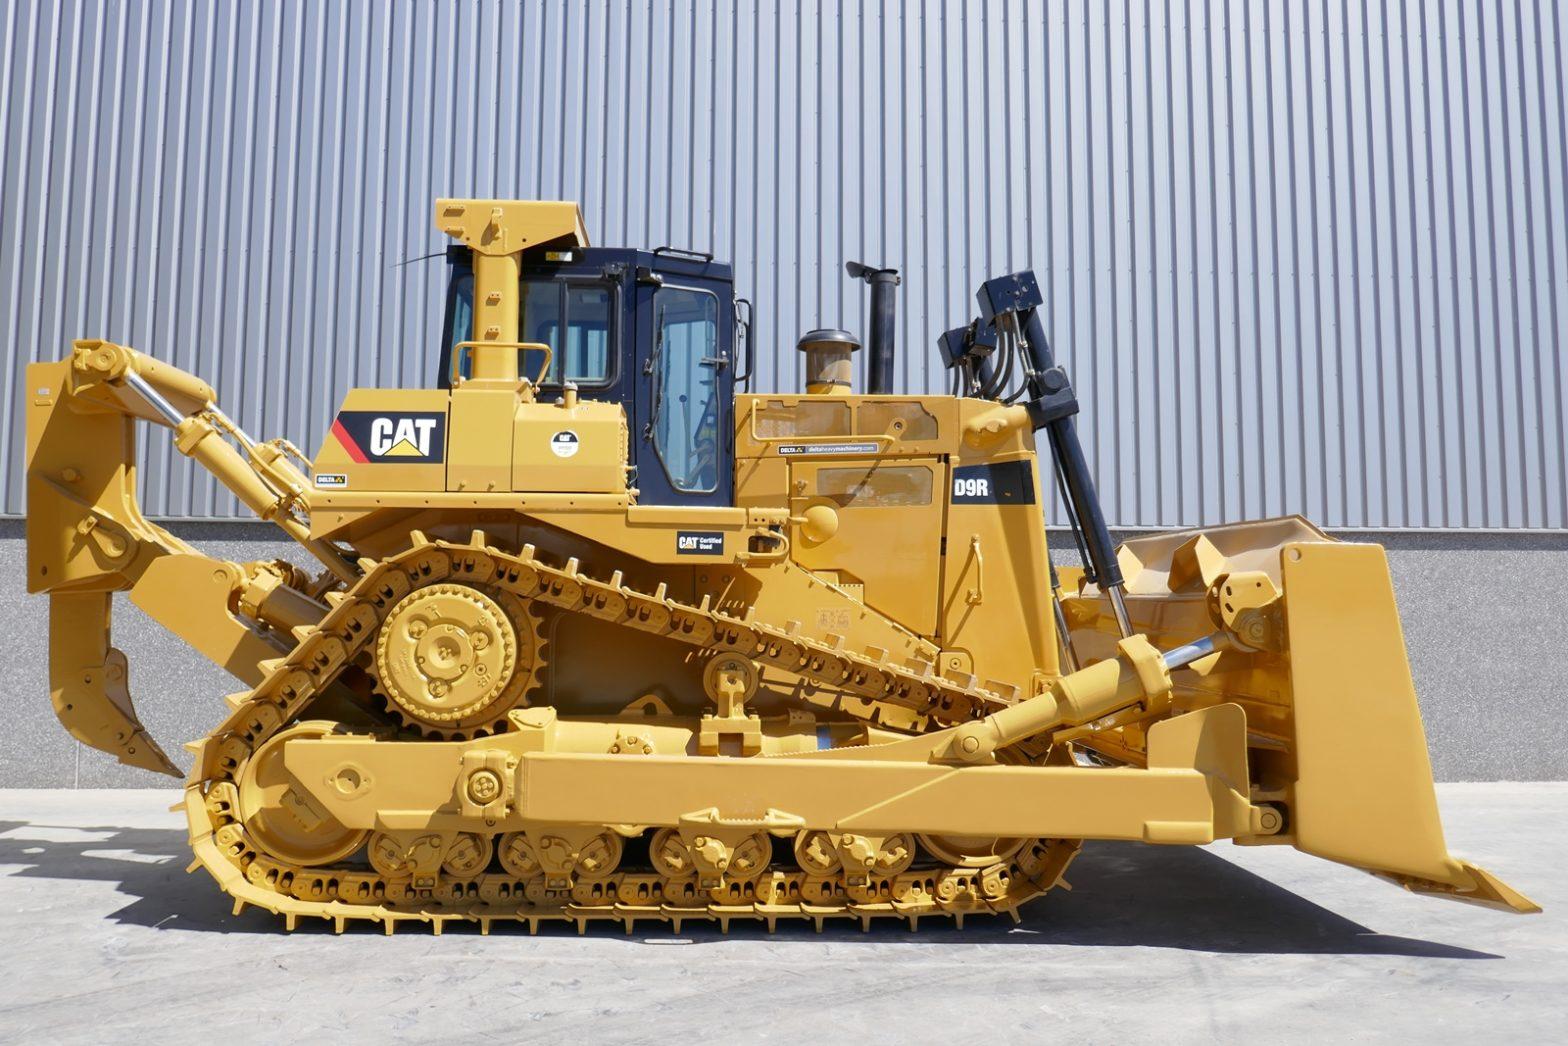 Бульдозер Caterpillar D9R технические характеристики